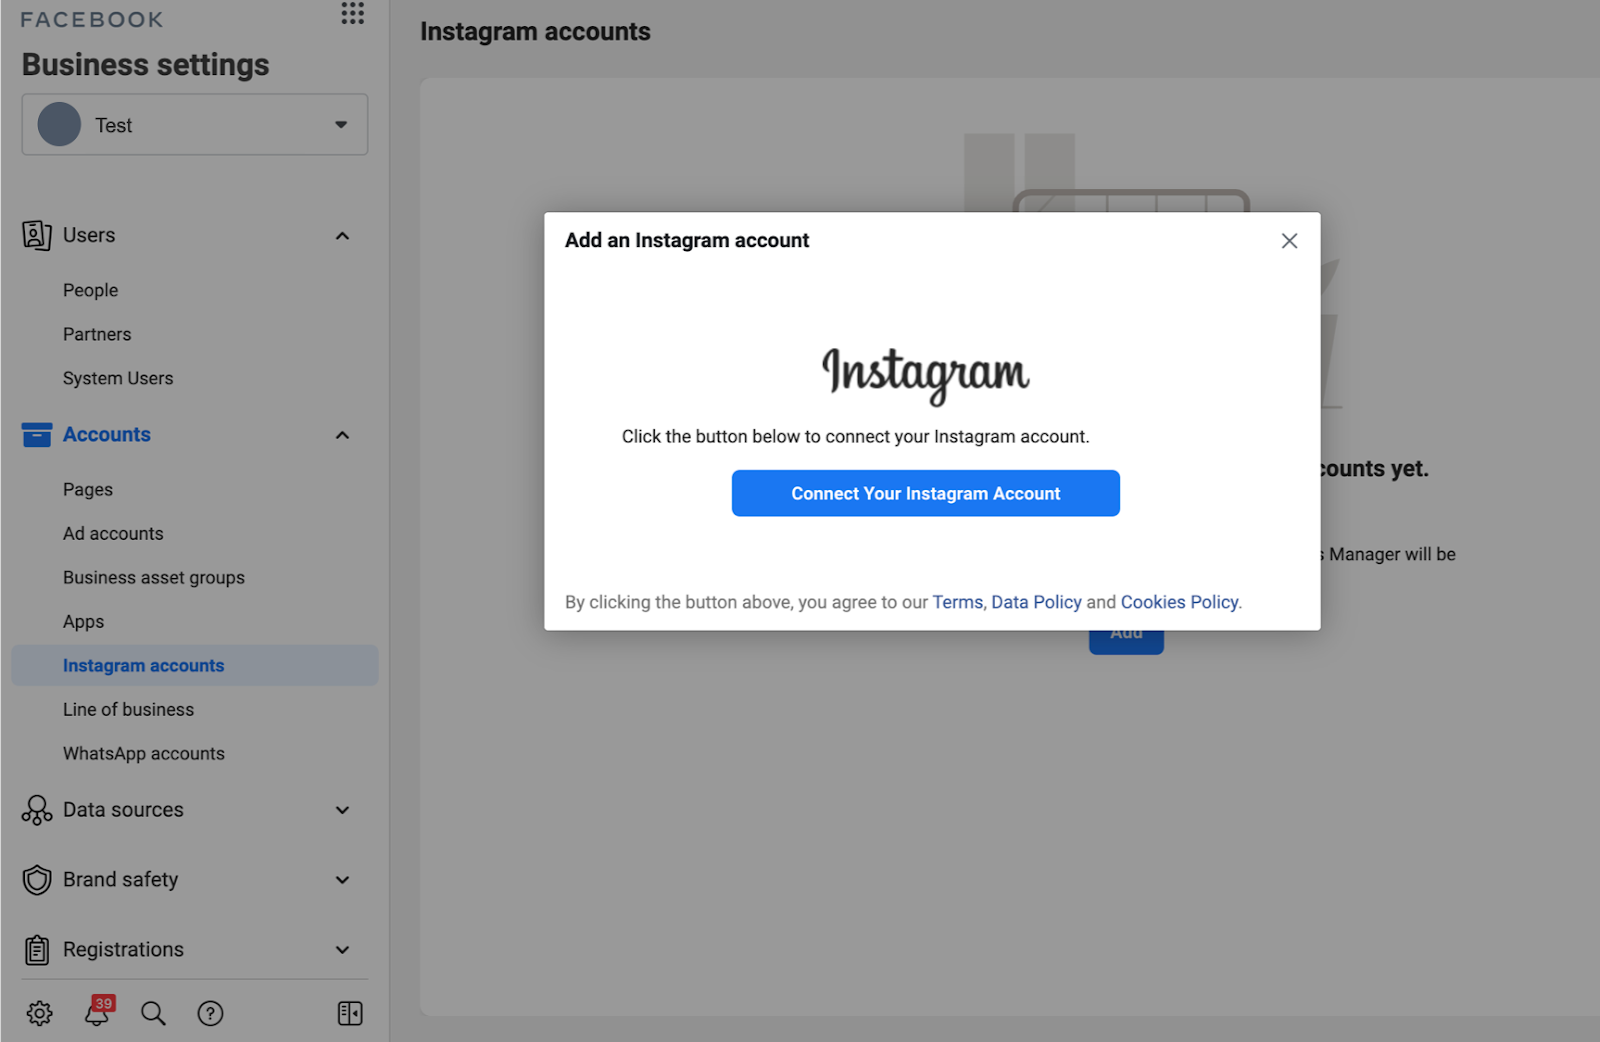 วิธีใส่บัญชี Instagram ใน Facebook Business Manager